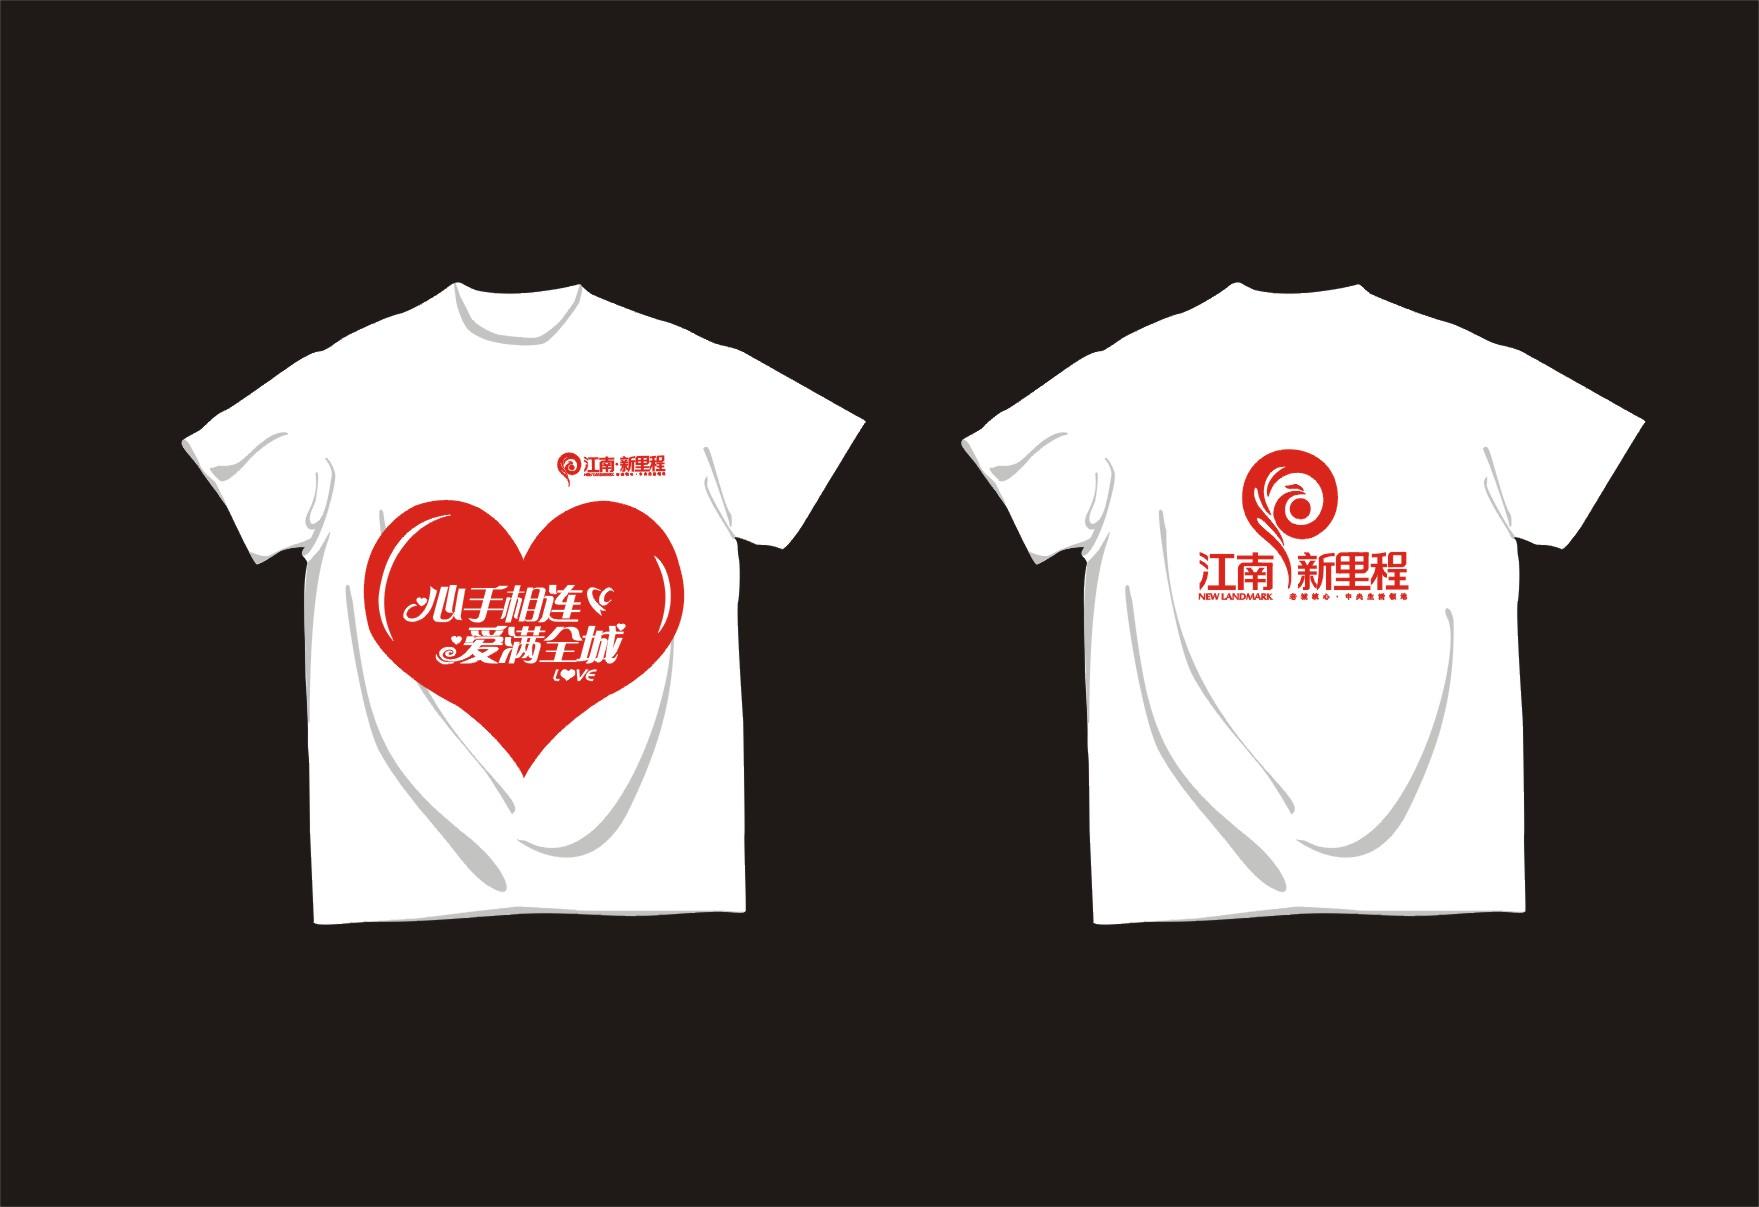 广告T恤制作的两种制稿方式